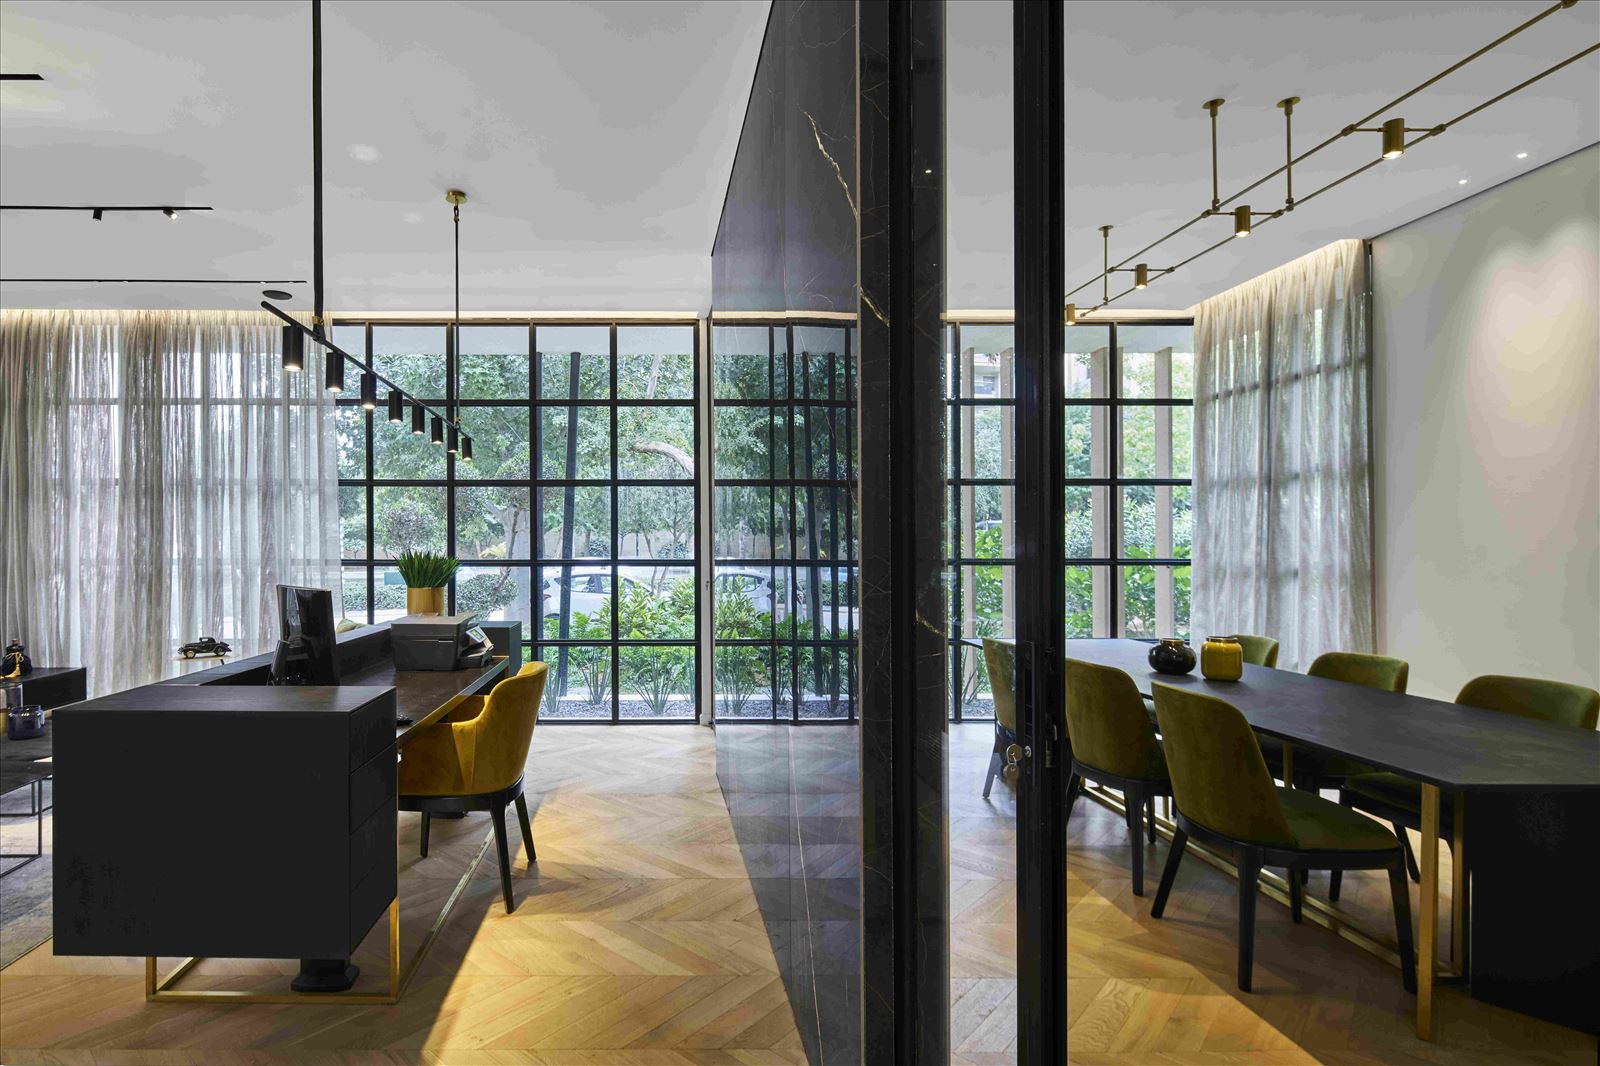 sales office - onone פרויקט תאורה מדהים מבית קמחי תאורה